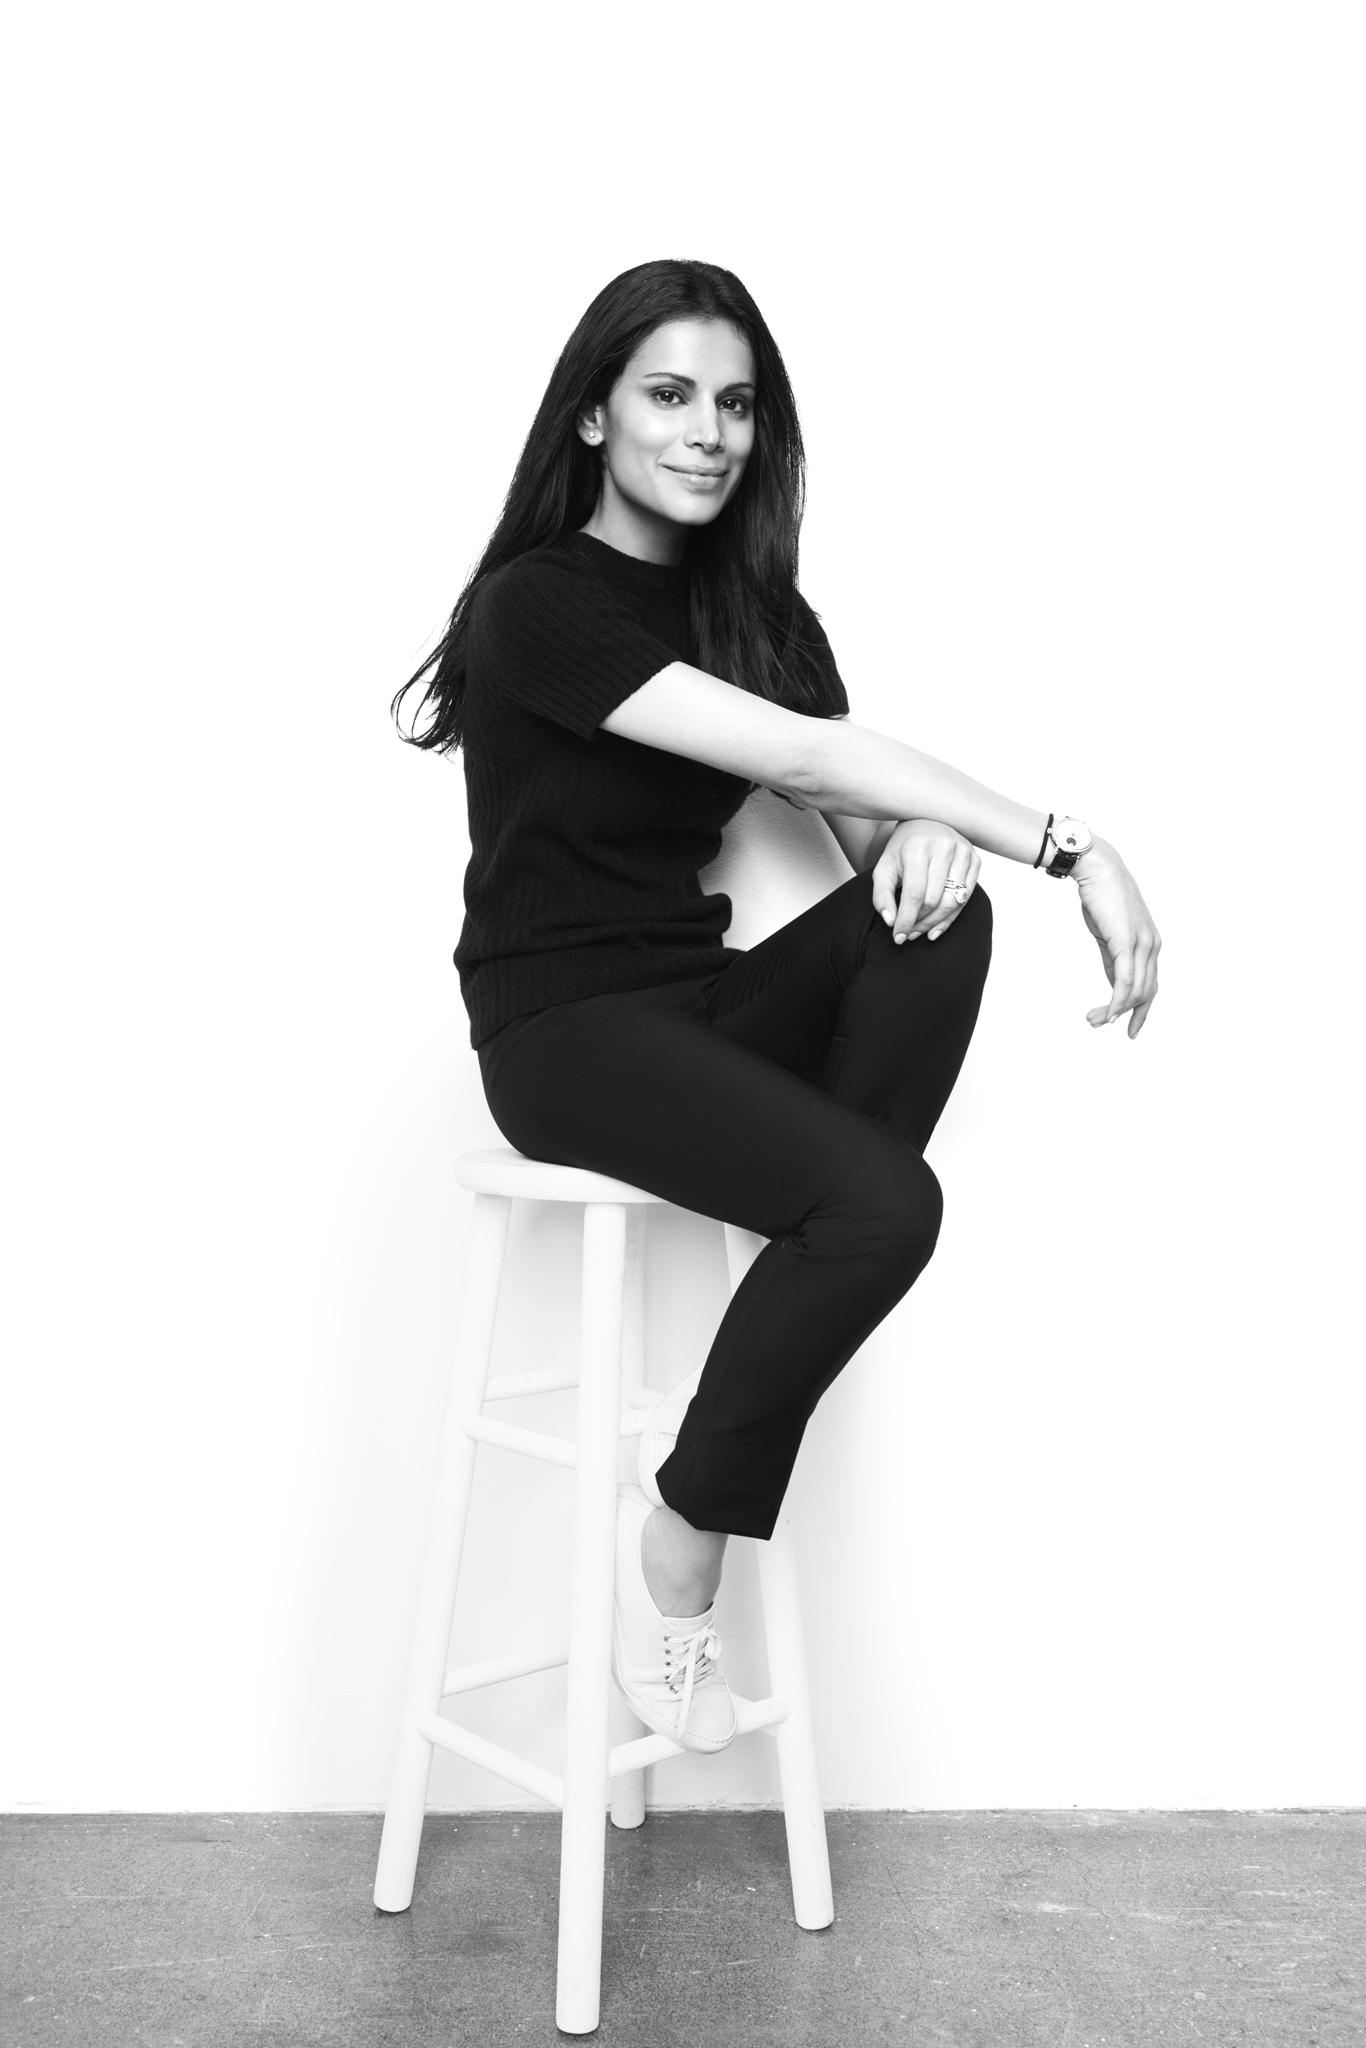 Neha Kapur former model